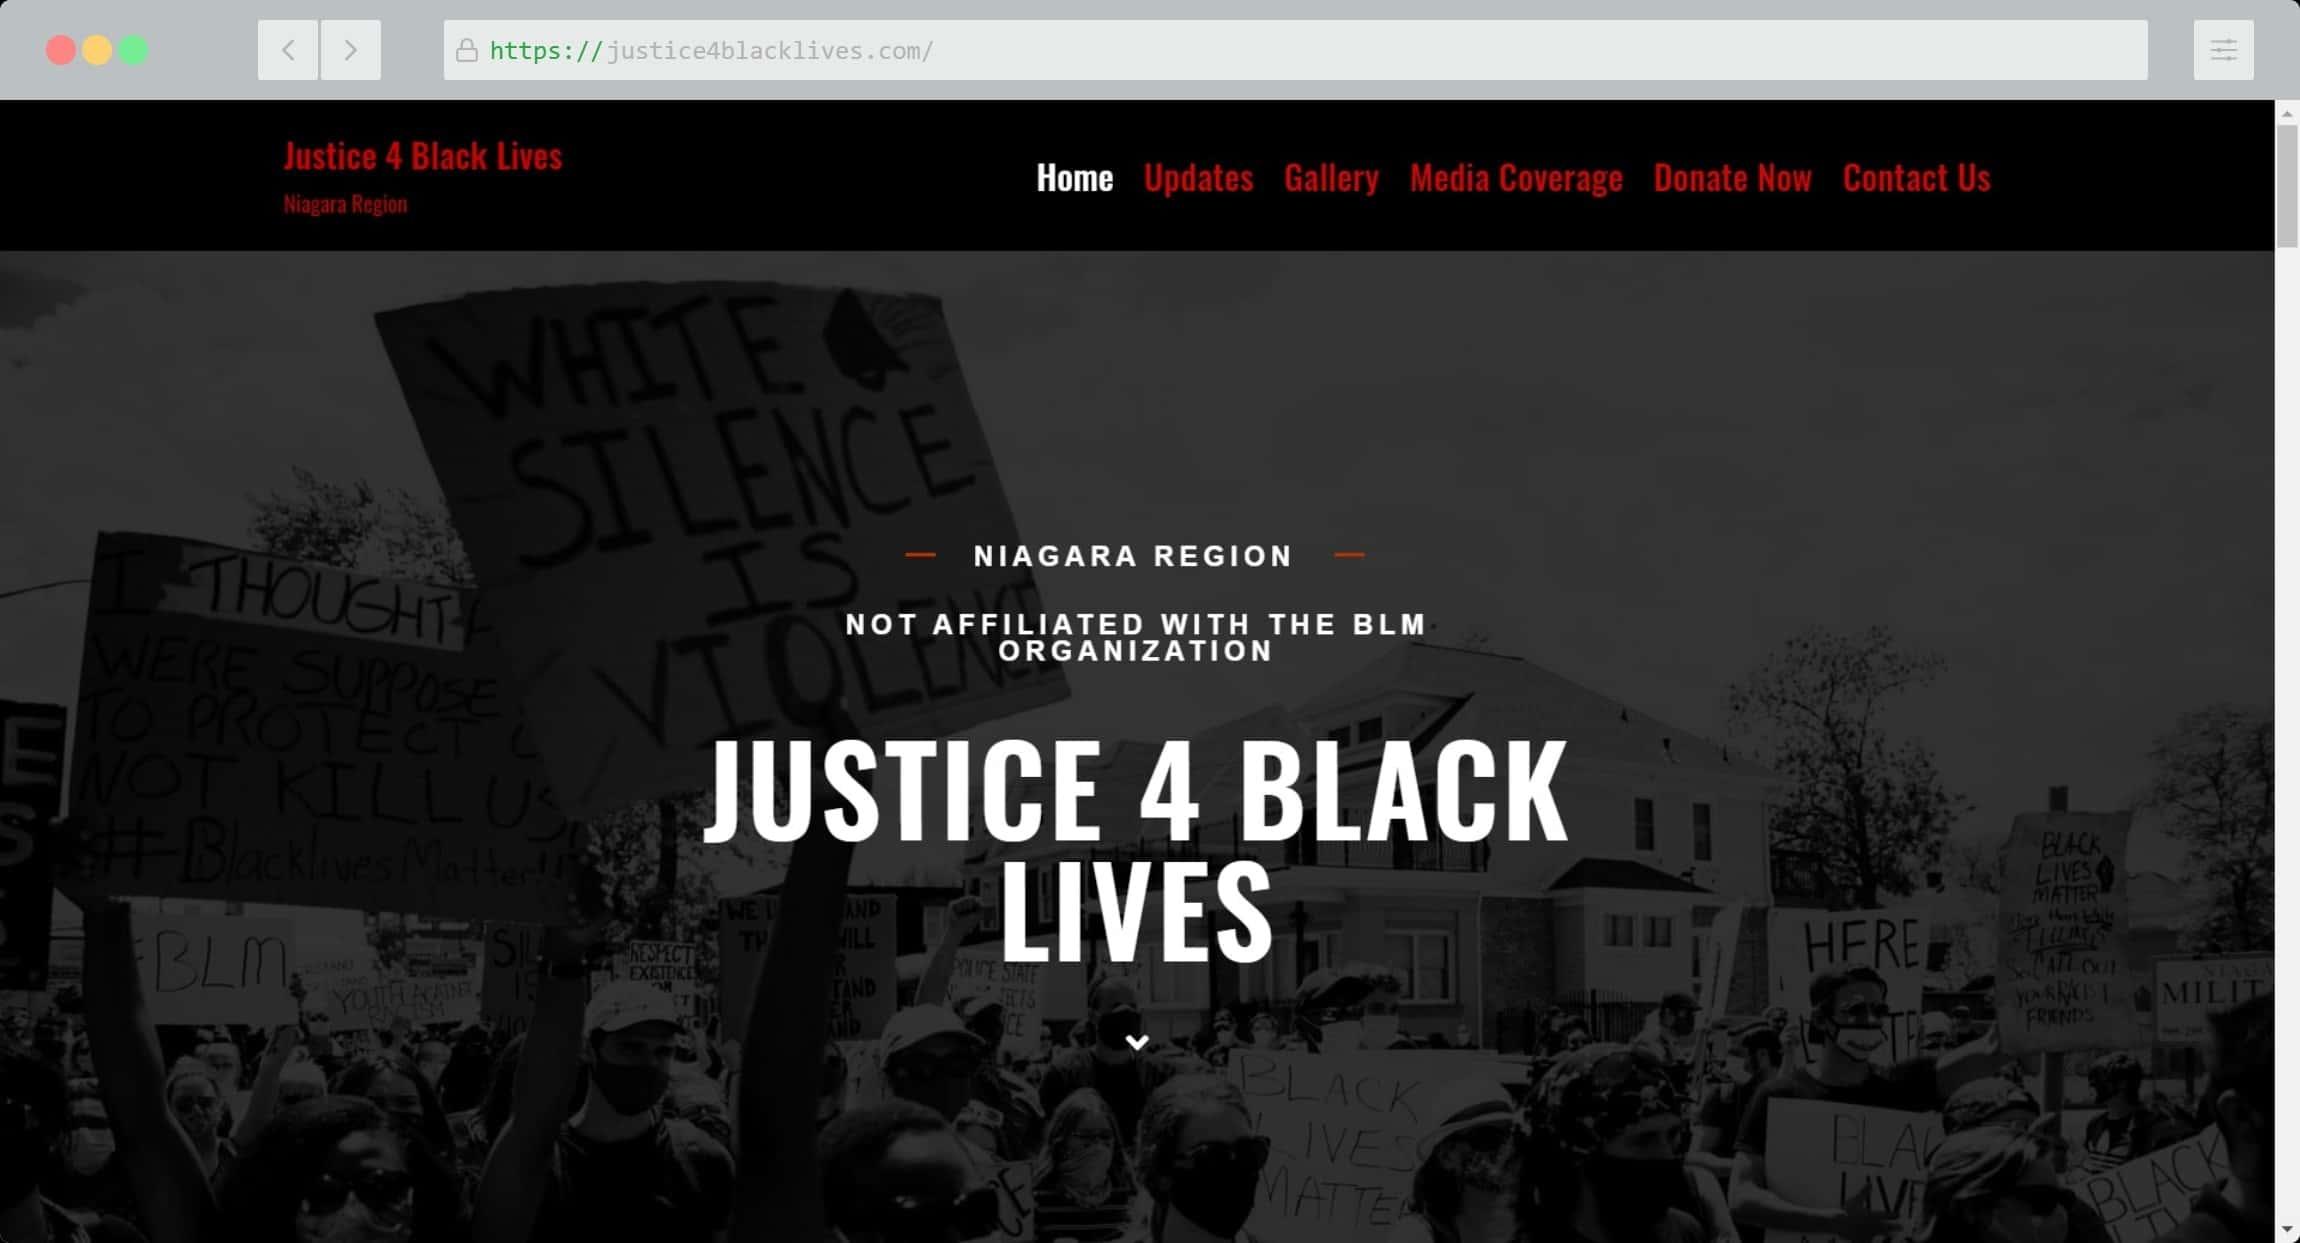 Justice 4 Black Lives Website